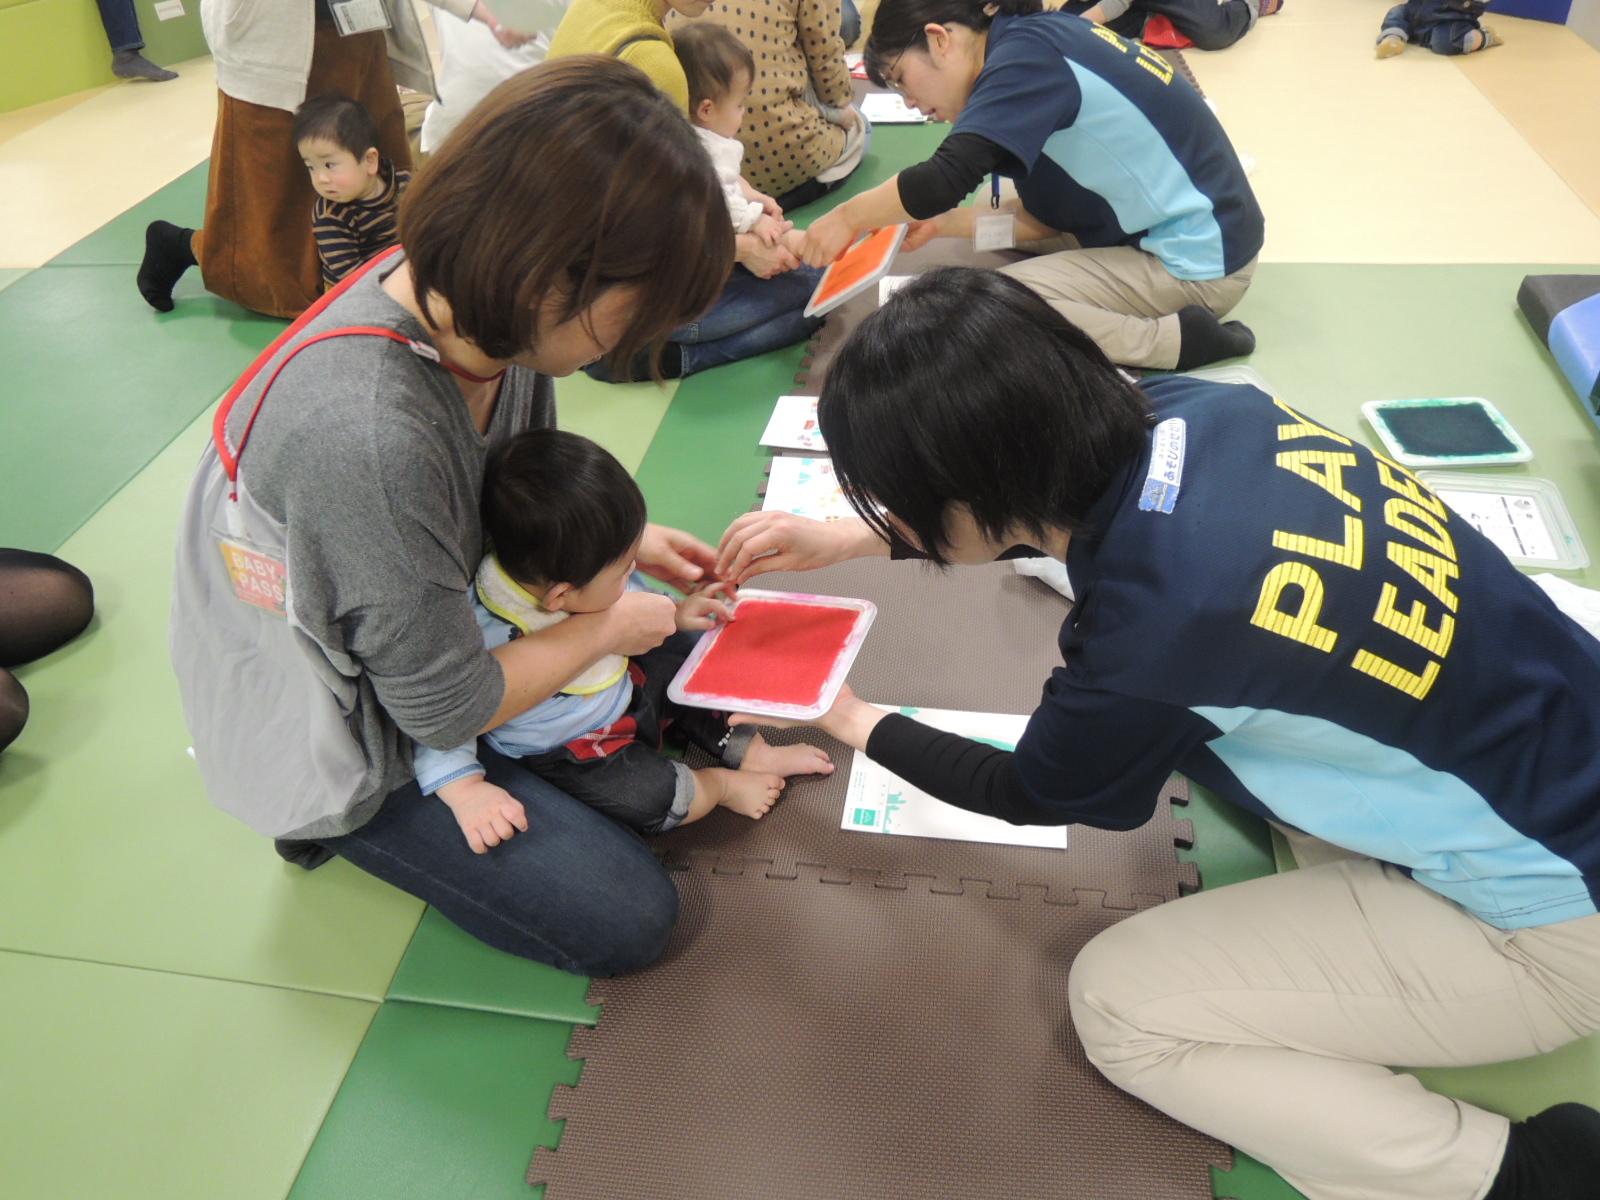 【火・木よう開催!赤ちゃんの日イベント】6/26(火)手形あそび